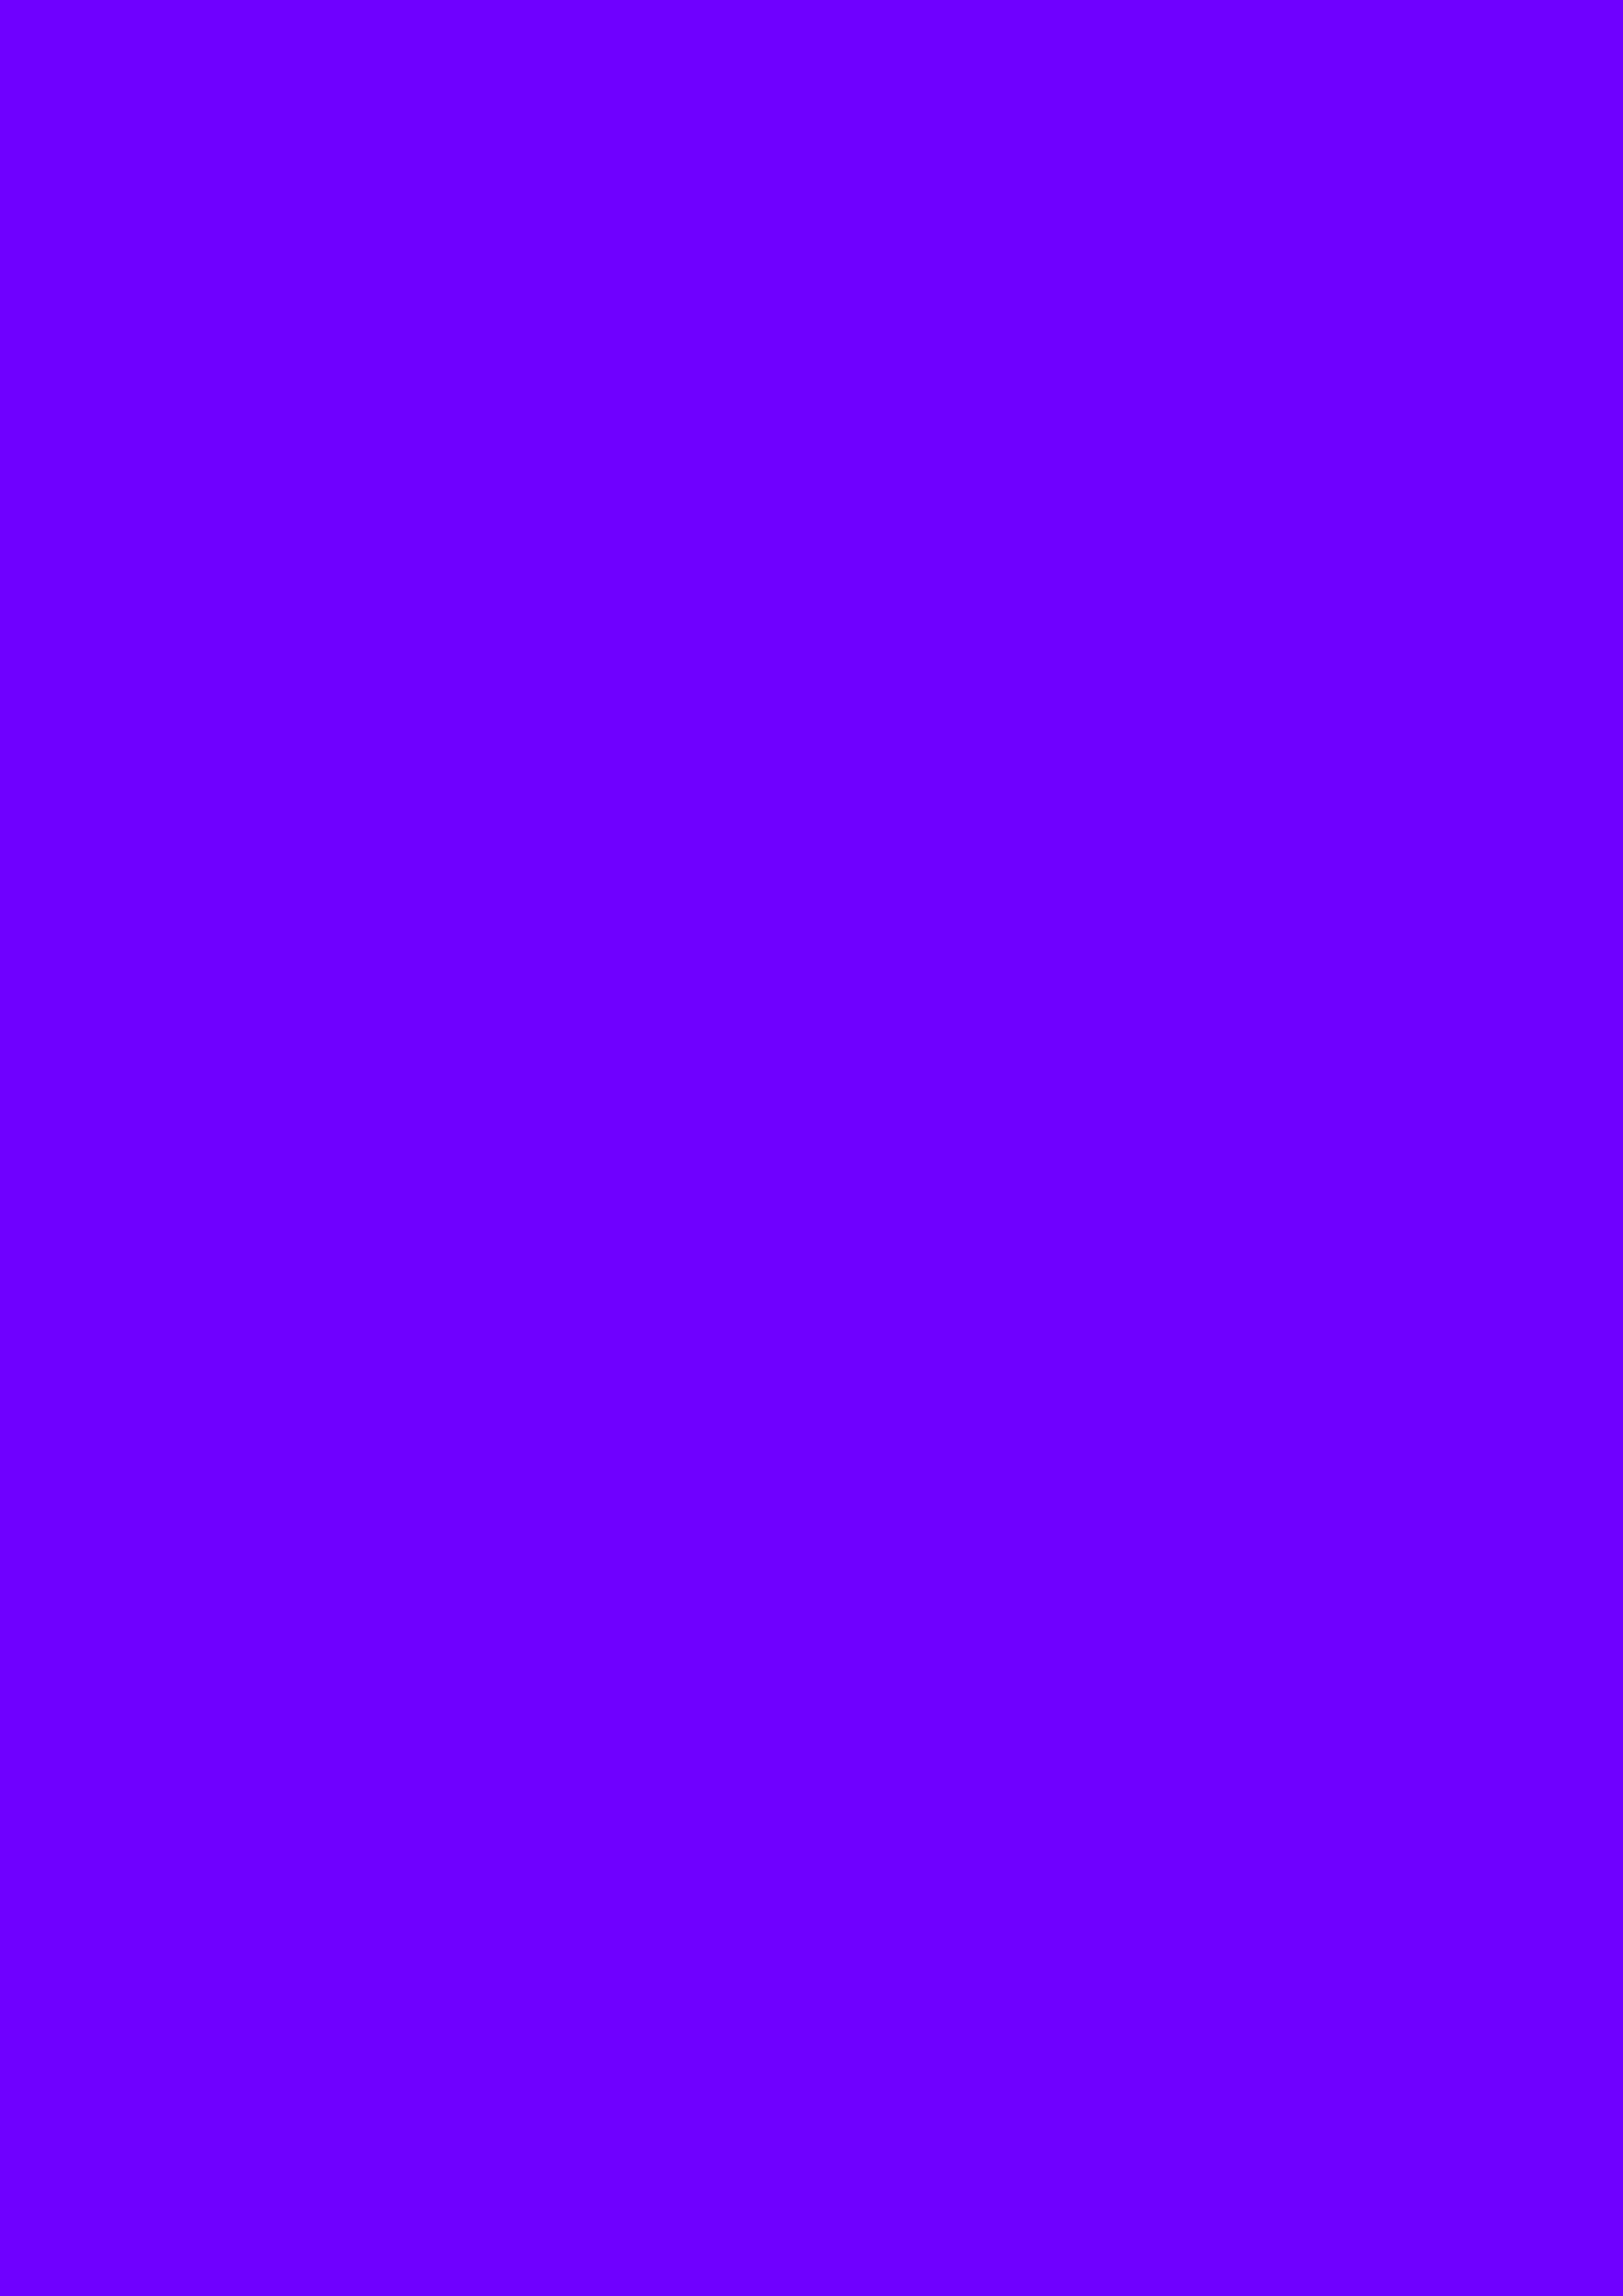 2480x3508 Indigo Solid Color Background